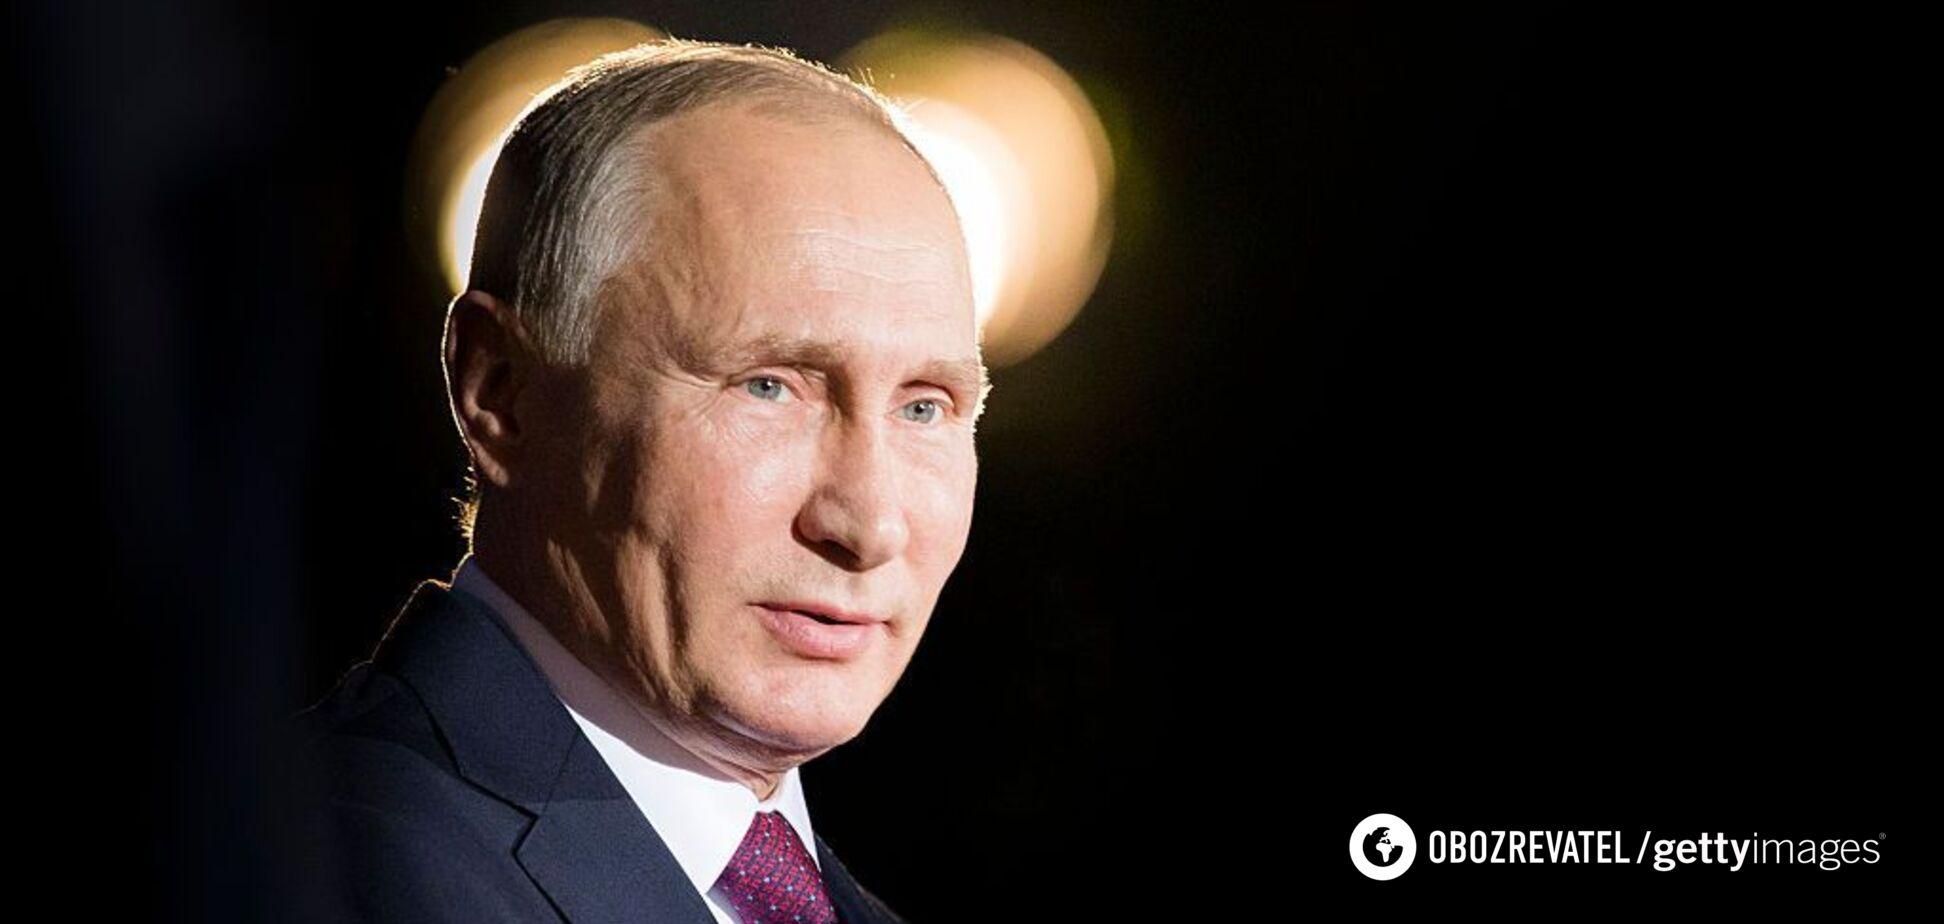 'Молдавский сценарий!' Украину предупредили об ударе Путина на выборах в Раду